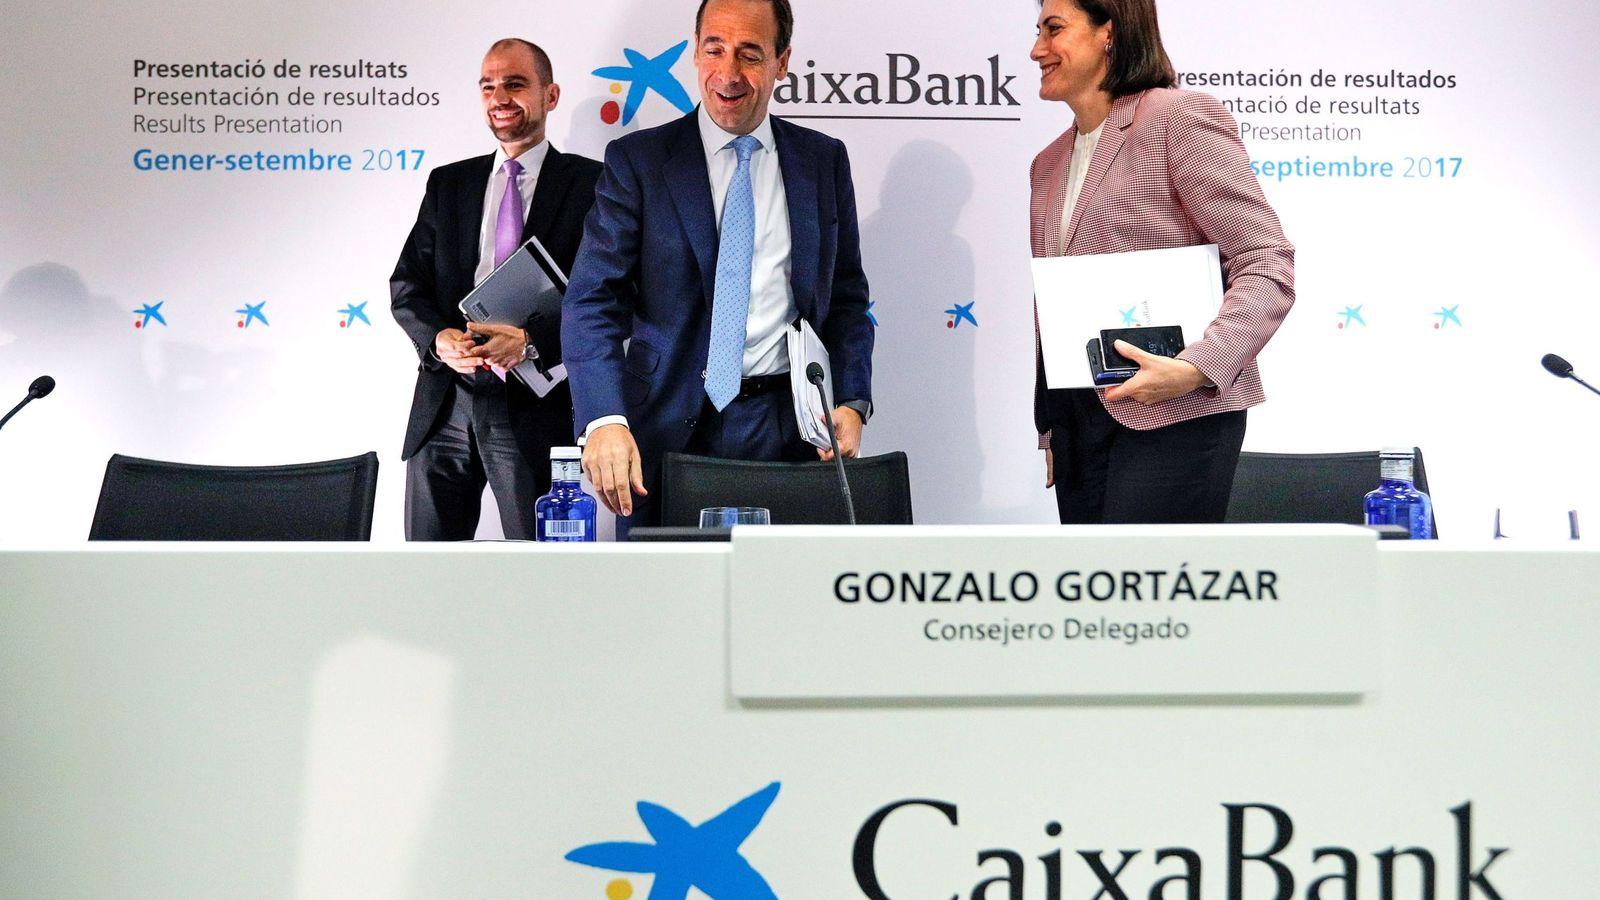 Foto: Gonzalo Gortázar, en el centro, en la presentación de resultados de CaixaBank en Valencia. (EFE)